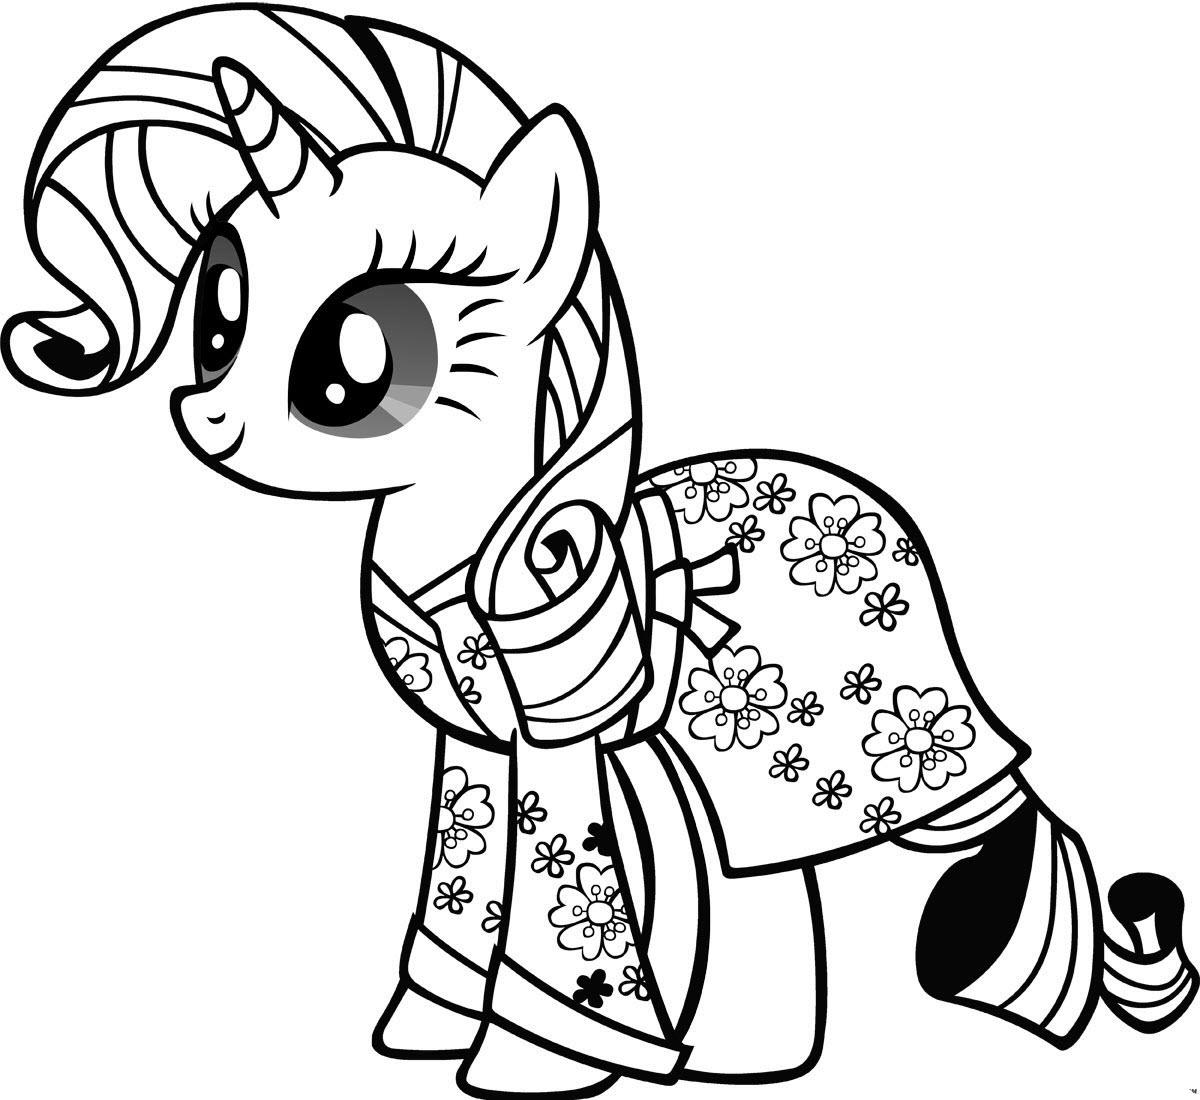 Tải tranh tô màu Pony siêu đáng yêu dành cho bé | Ngựa pony 115